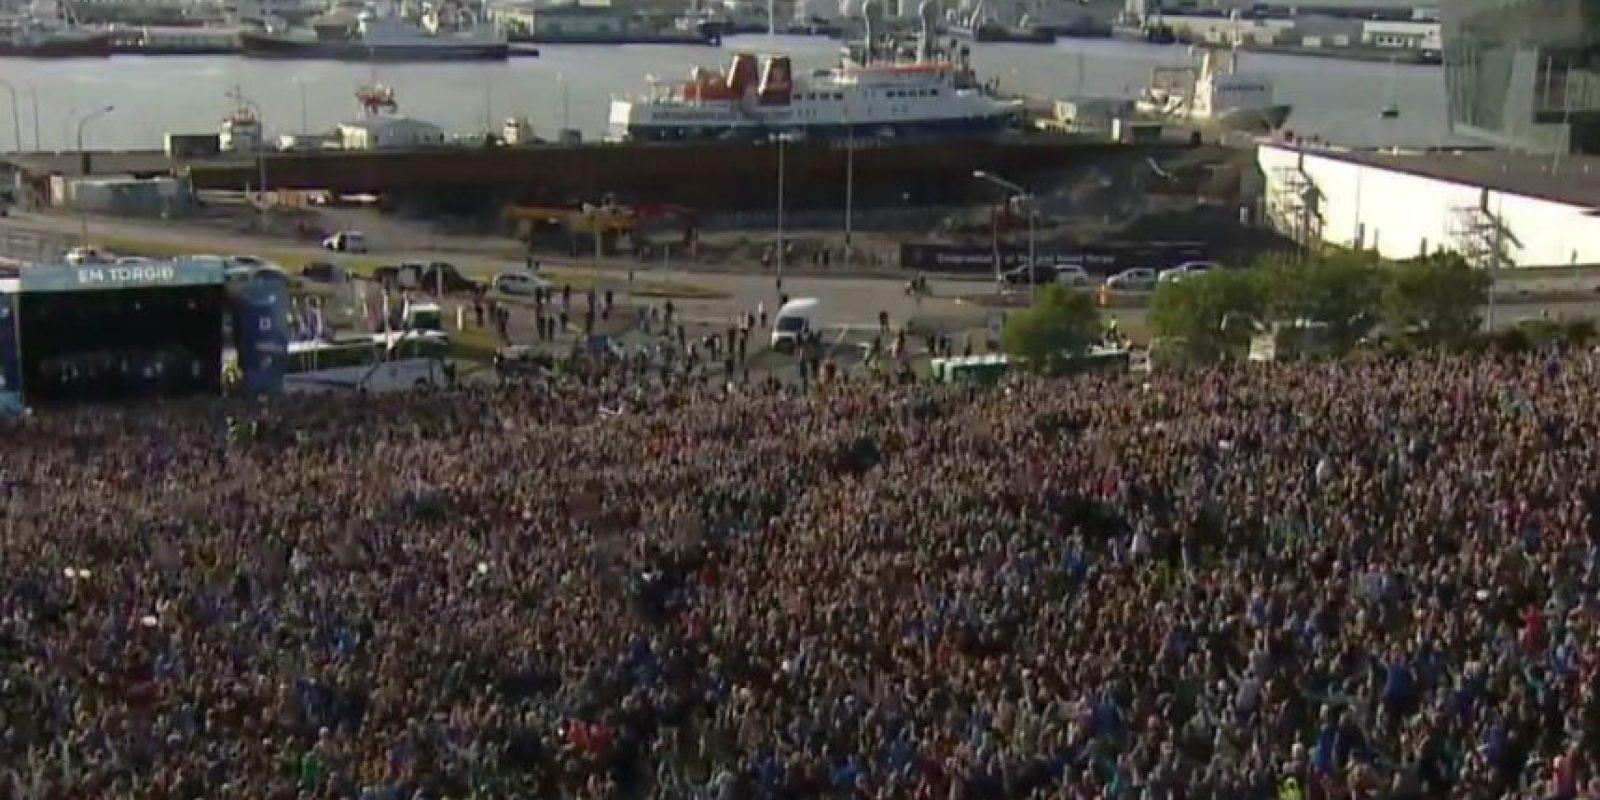 Los islandeses colmaron las calles para recibir a sus ídolo Foto:Captura de pantalla